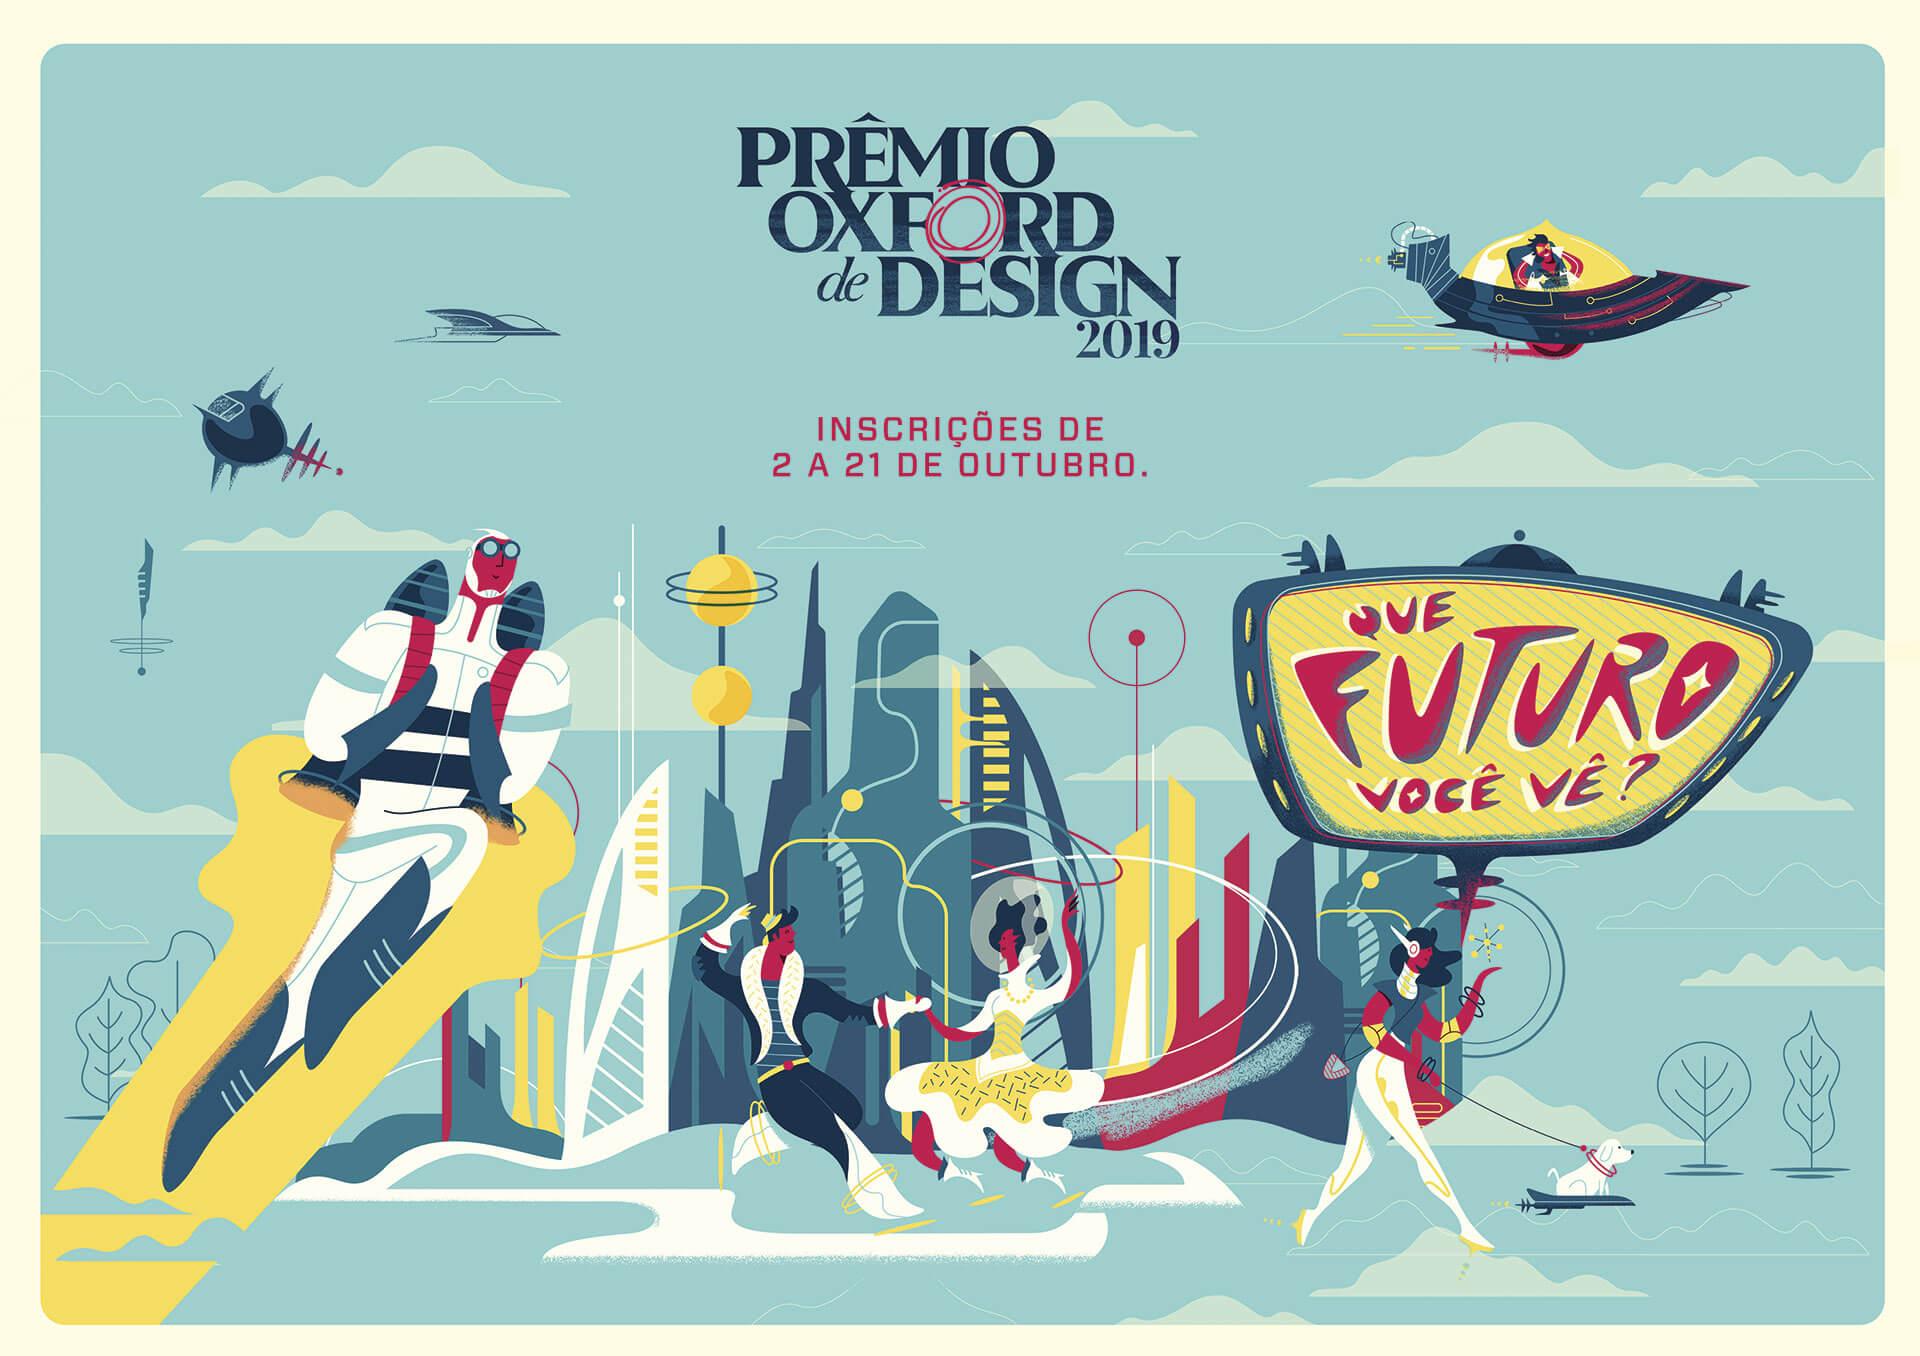 O Prêmio Oxford de Design 2019 pergunta aos participantes: Que futuro você vê?